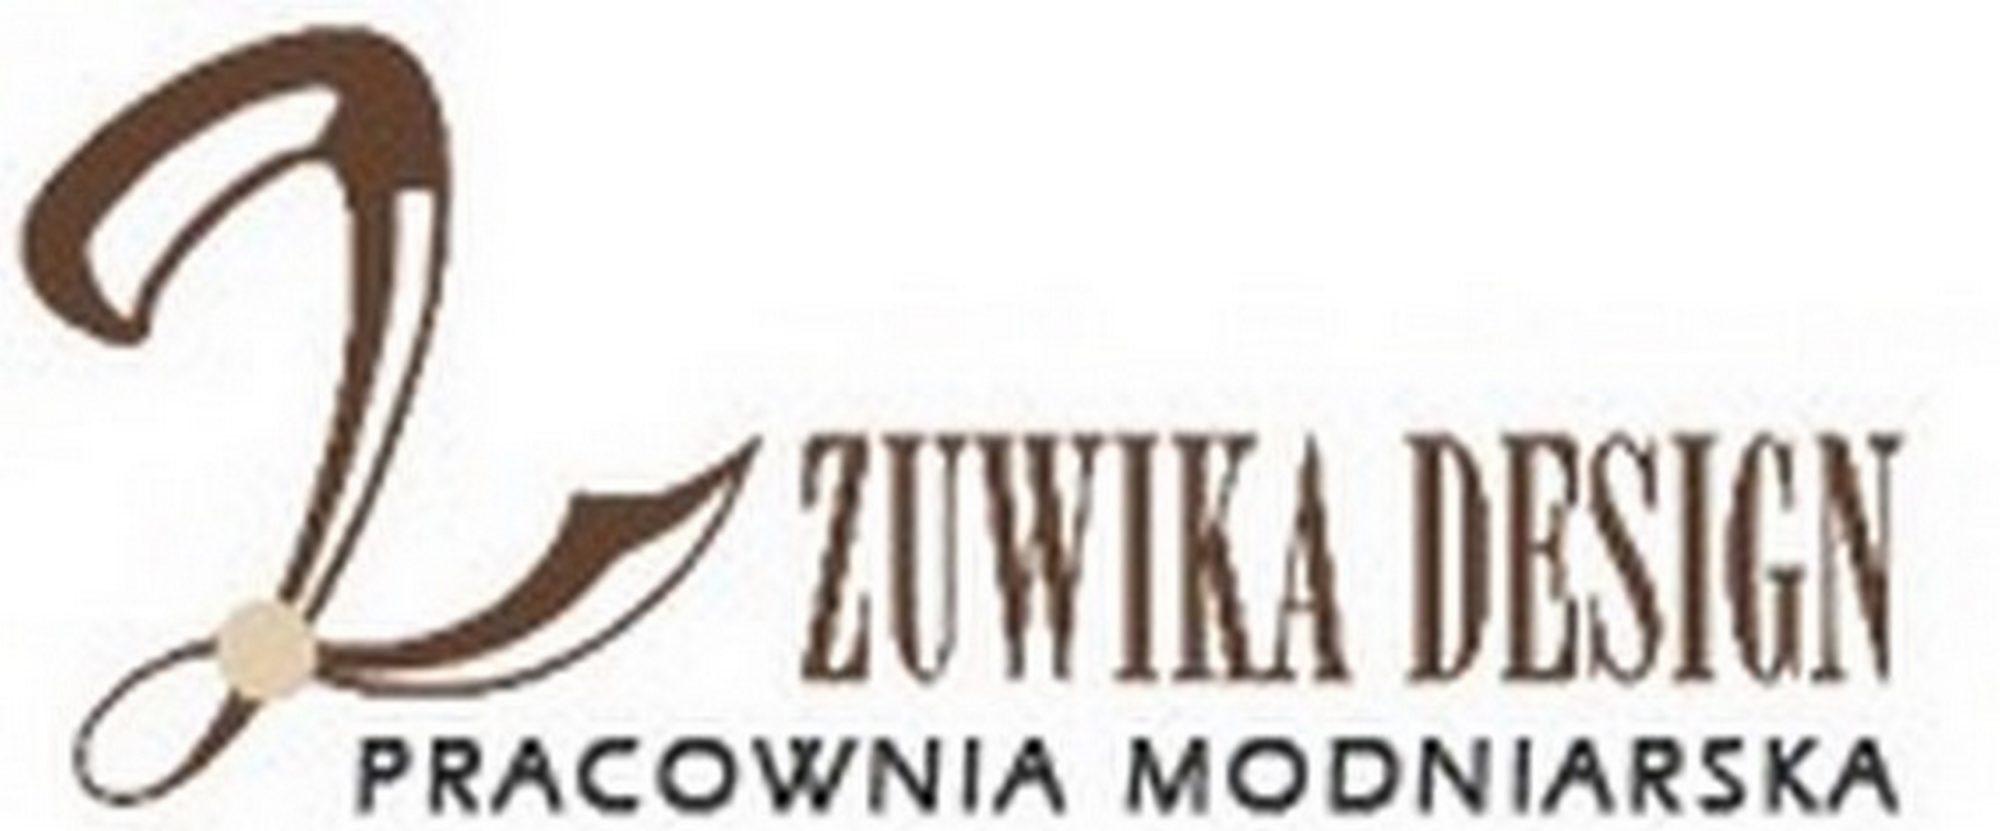 zuwika